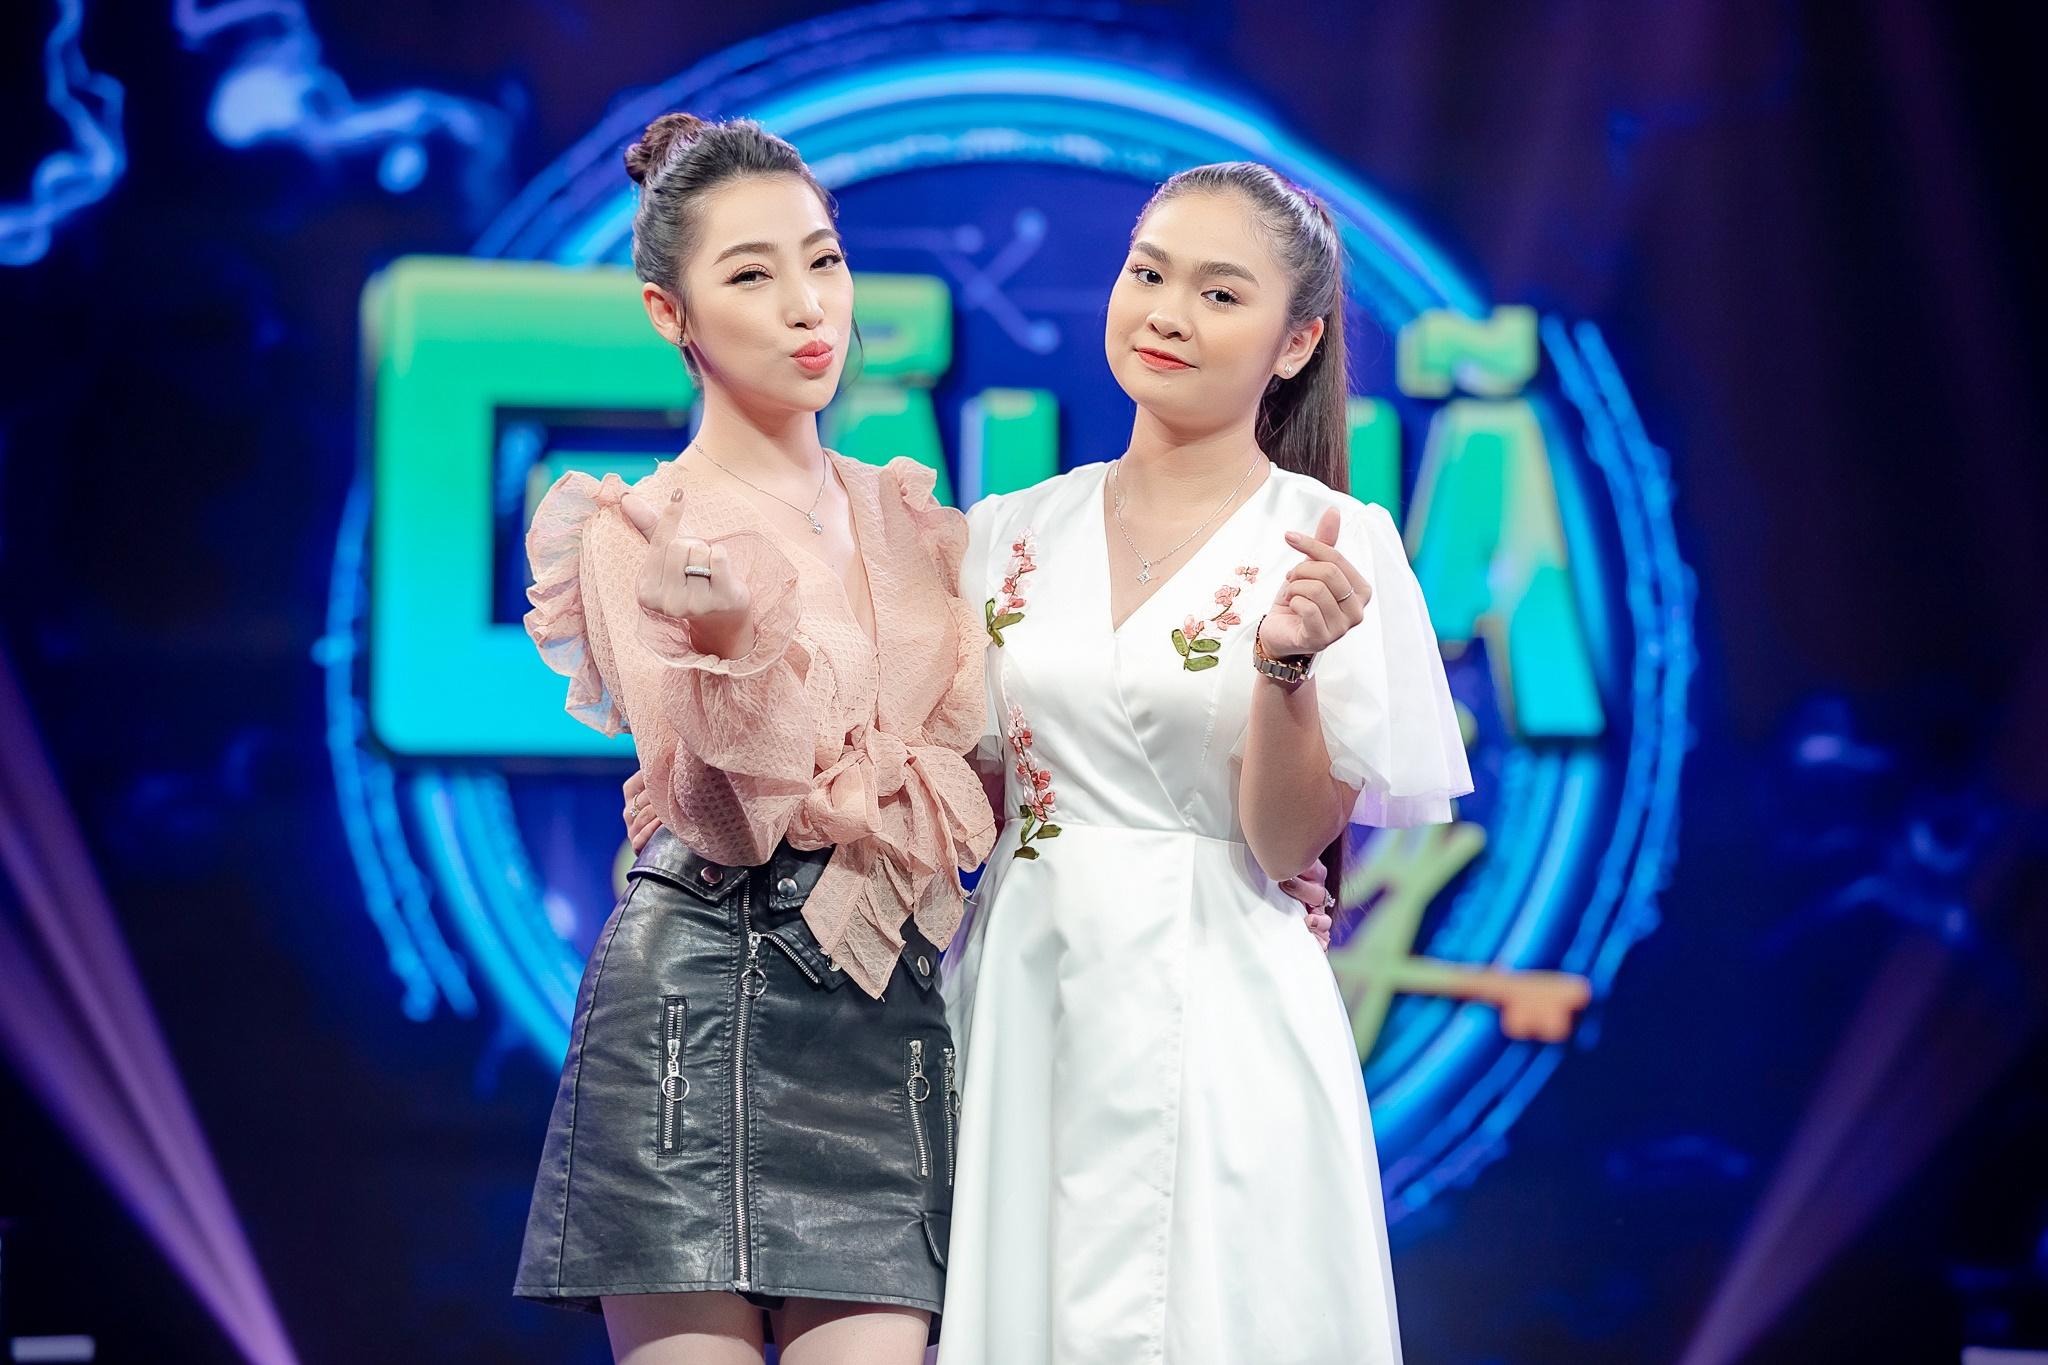 Cao-Cong-Nghia-Thien-Nhan-1